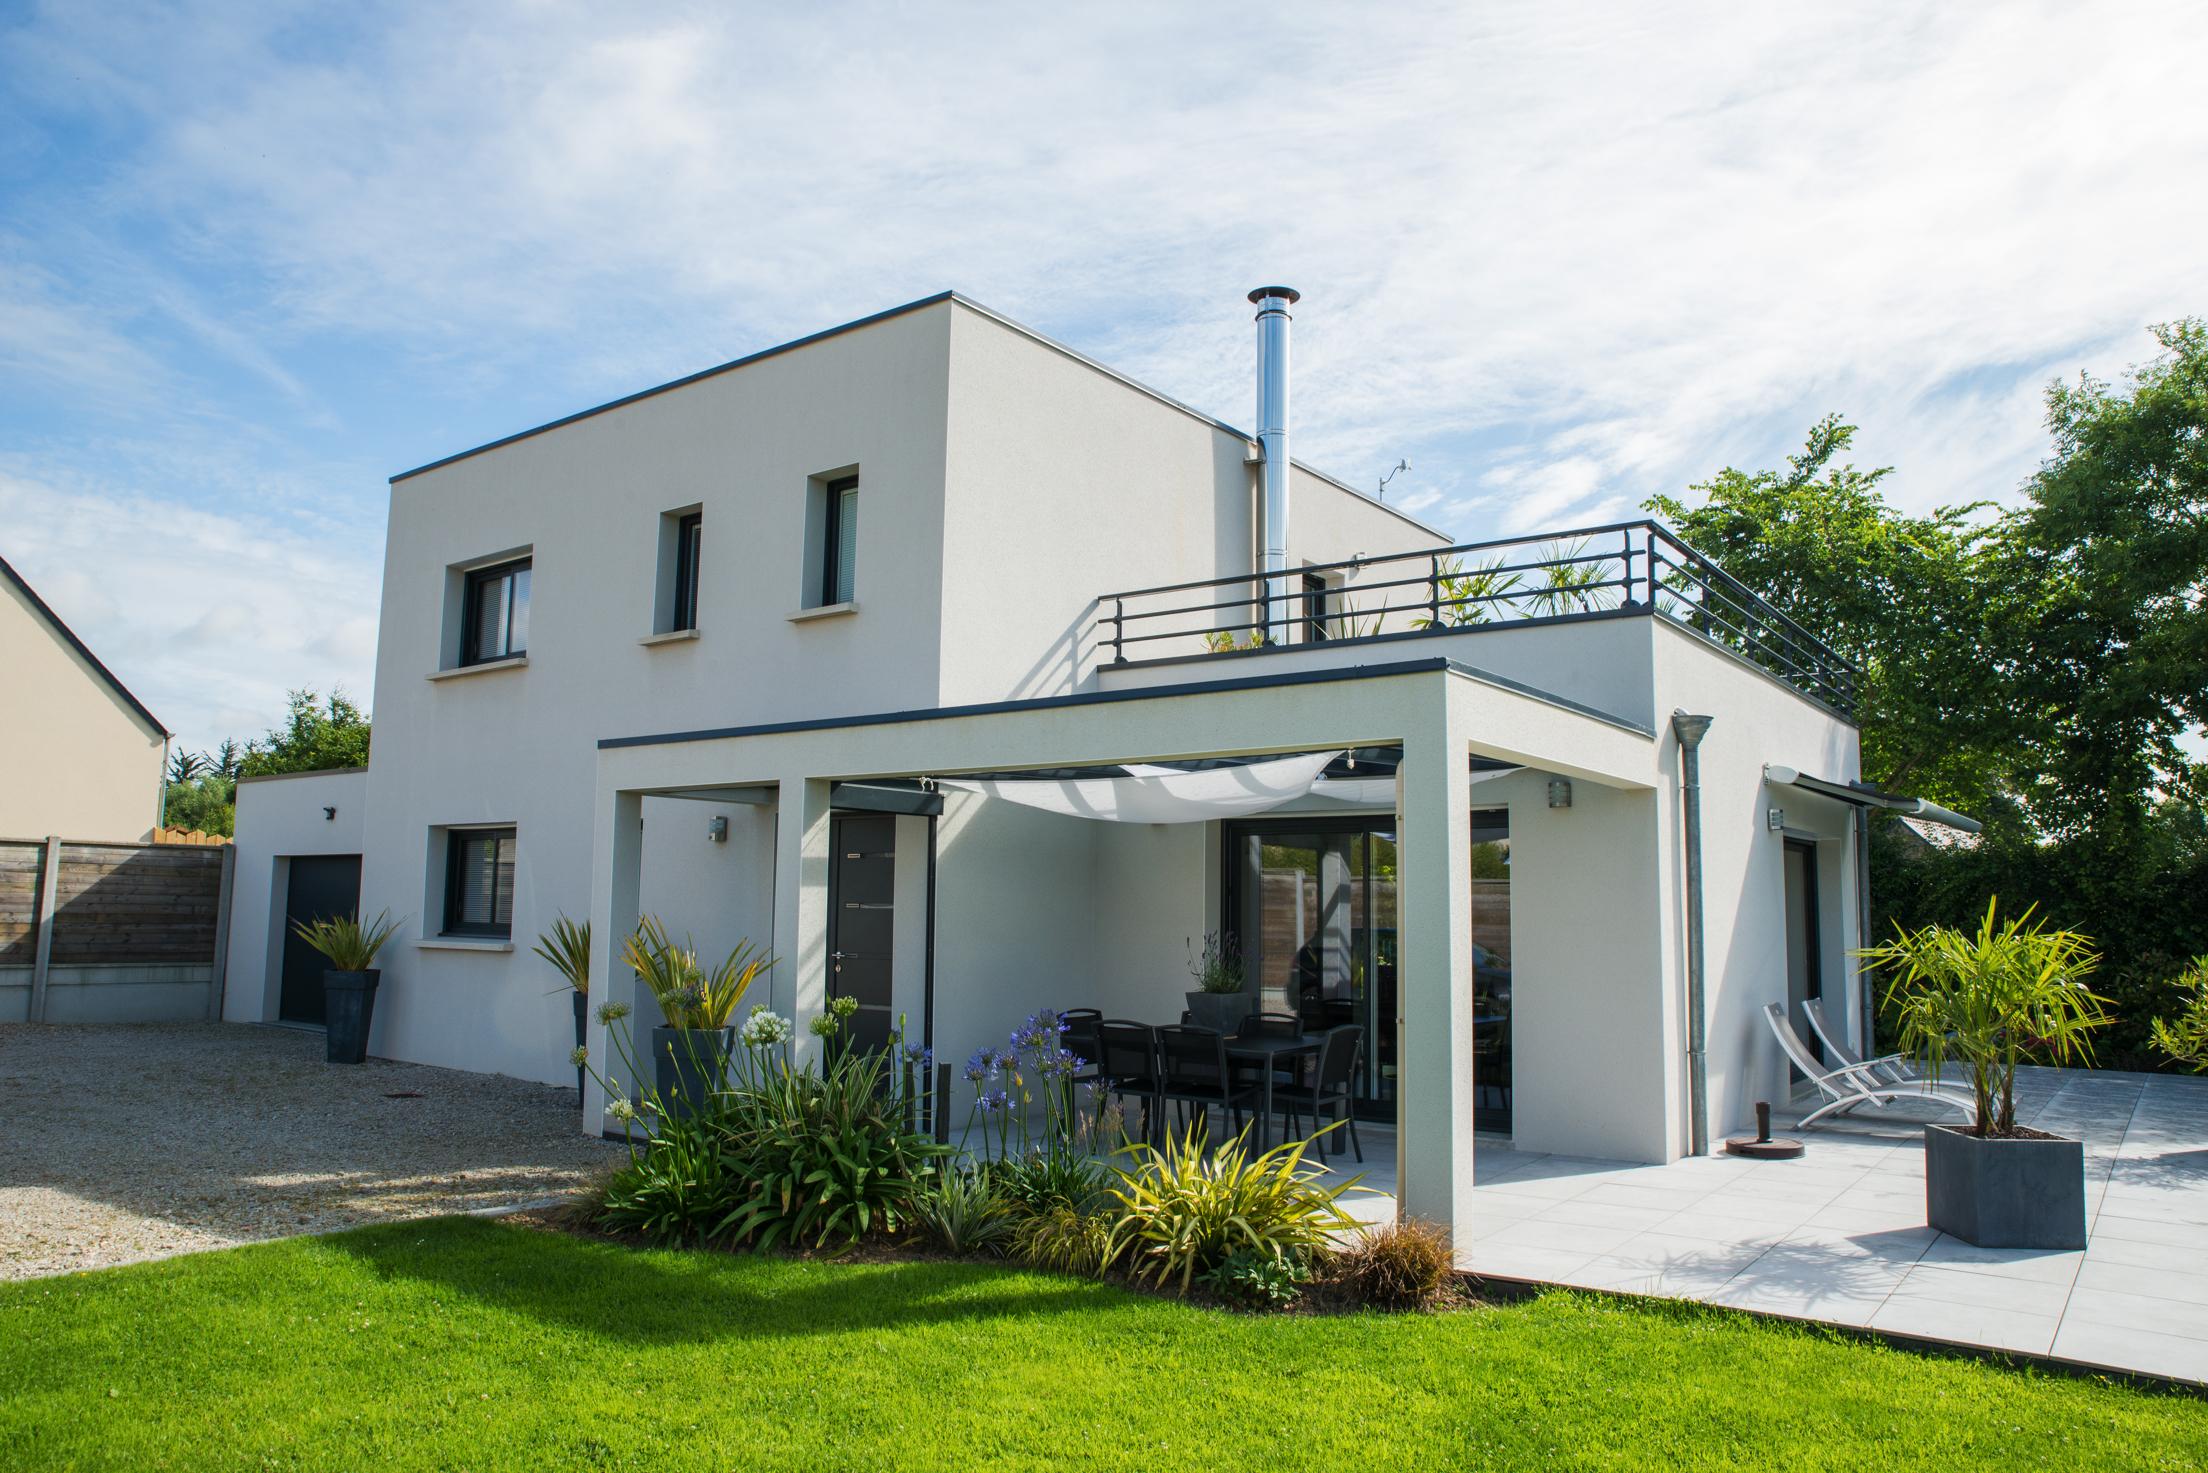 Les maisons delacour constructeur agr maisons de qualit for Constructeur de maison 70